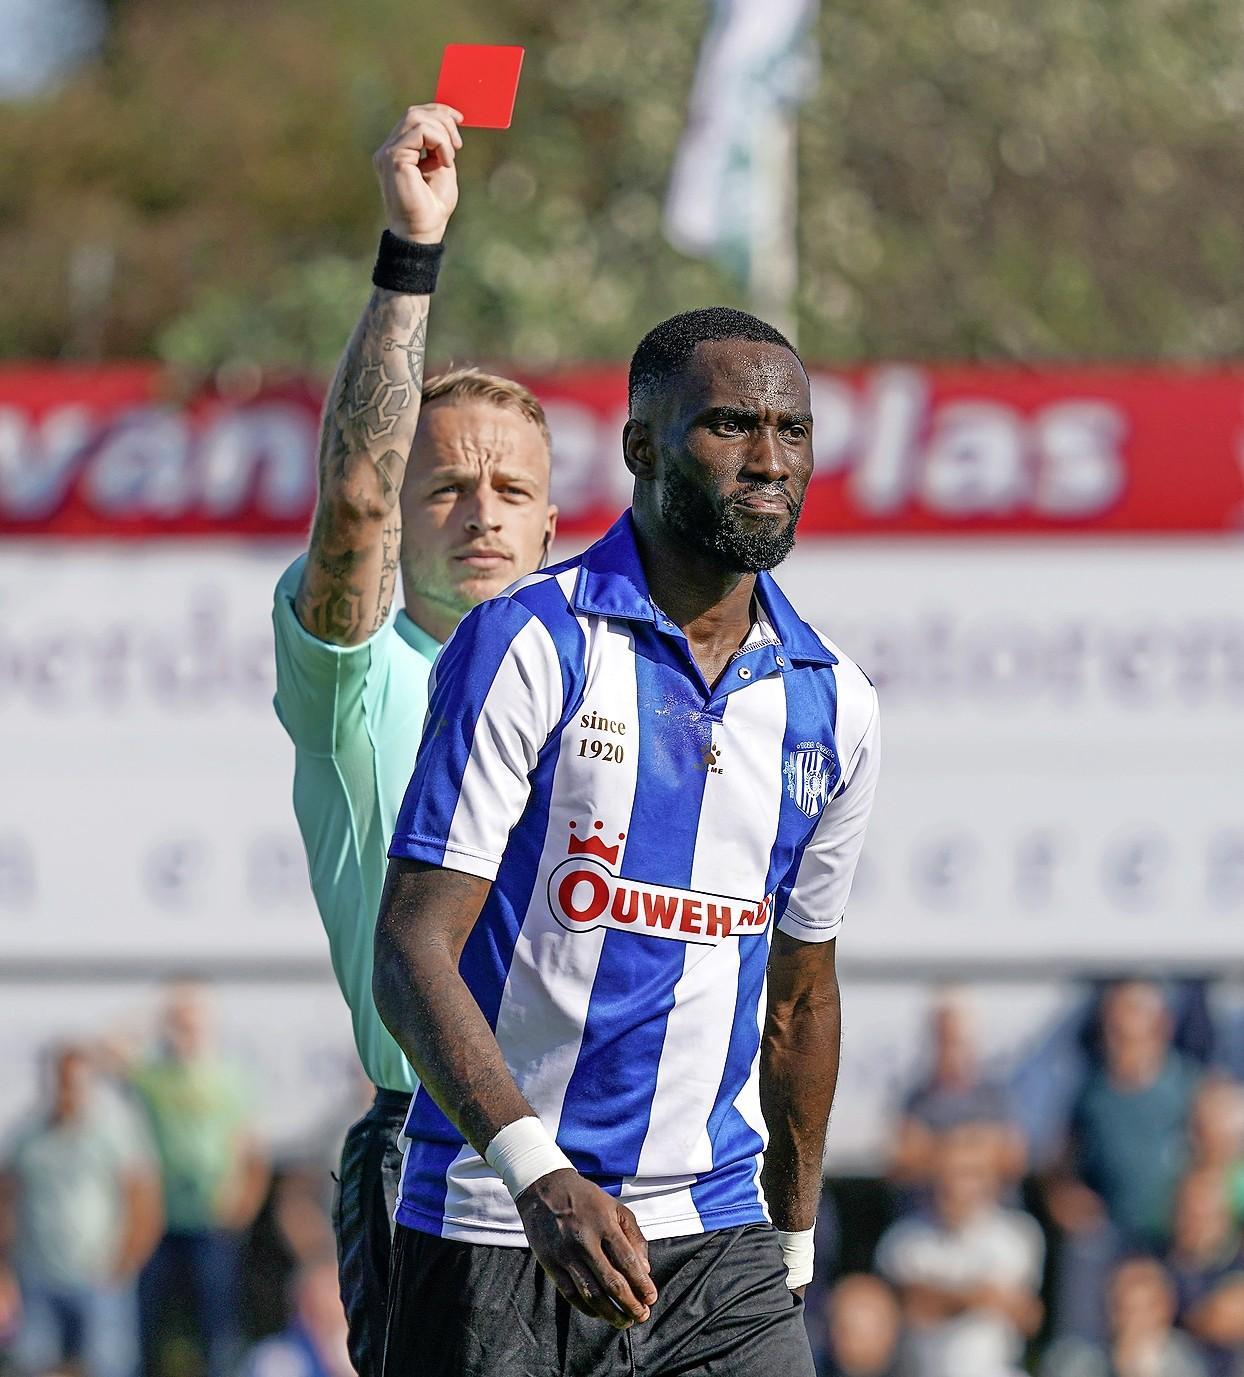 Scheidsrechter Nick Smit (30) uit Huizen maakt debuut in betaald voetbal bij bekerwedstrijd Excelsior-Helmond Sport: 'Een mooie mijlpaal'